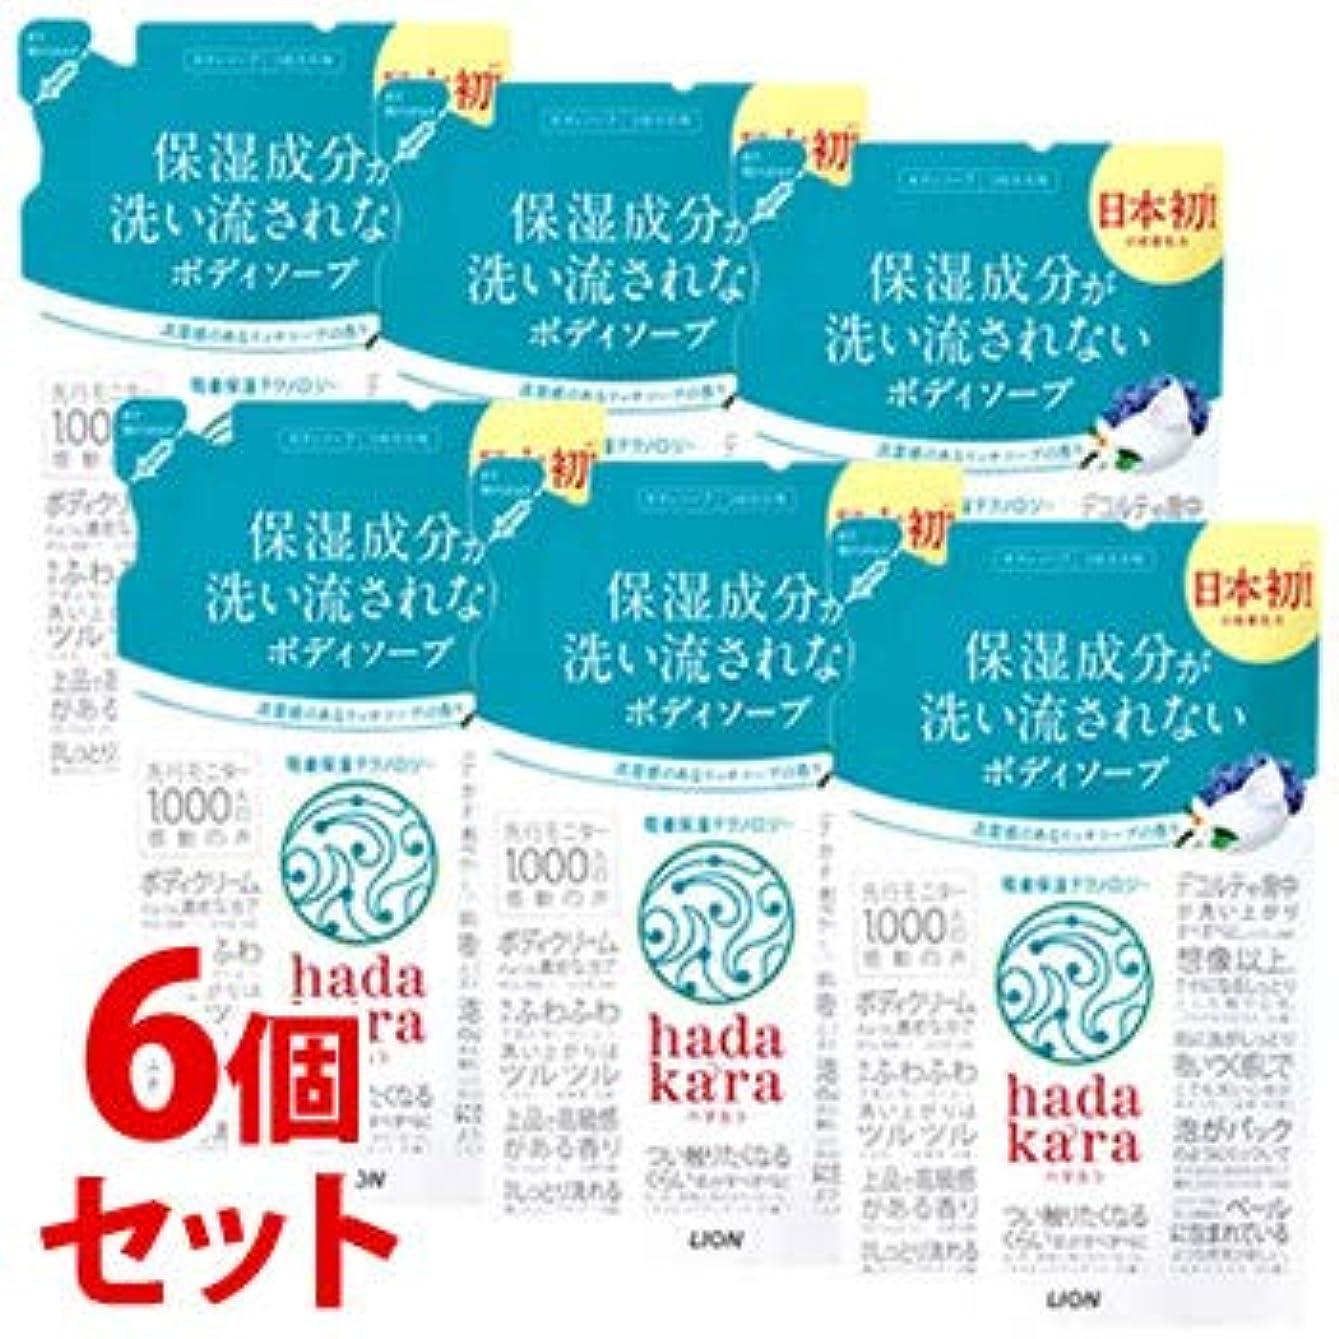 カウンタ男らしさパイプライン《セット販売》 ライオン ハダカラ hadakara ボディソープ リッチソープの香り つめかえ用 (360mL)×6個セット 詰め替え用